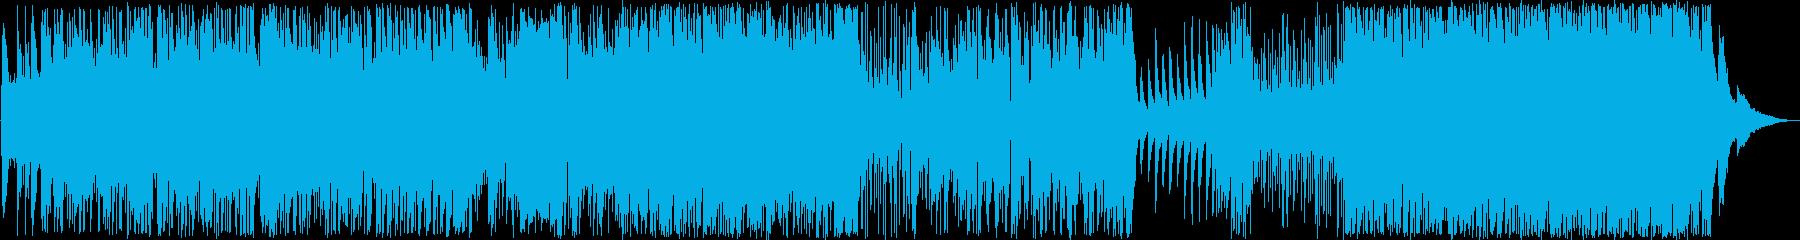 ポップなラテンジャズピアノ生演奏の再生済みの波形